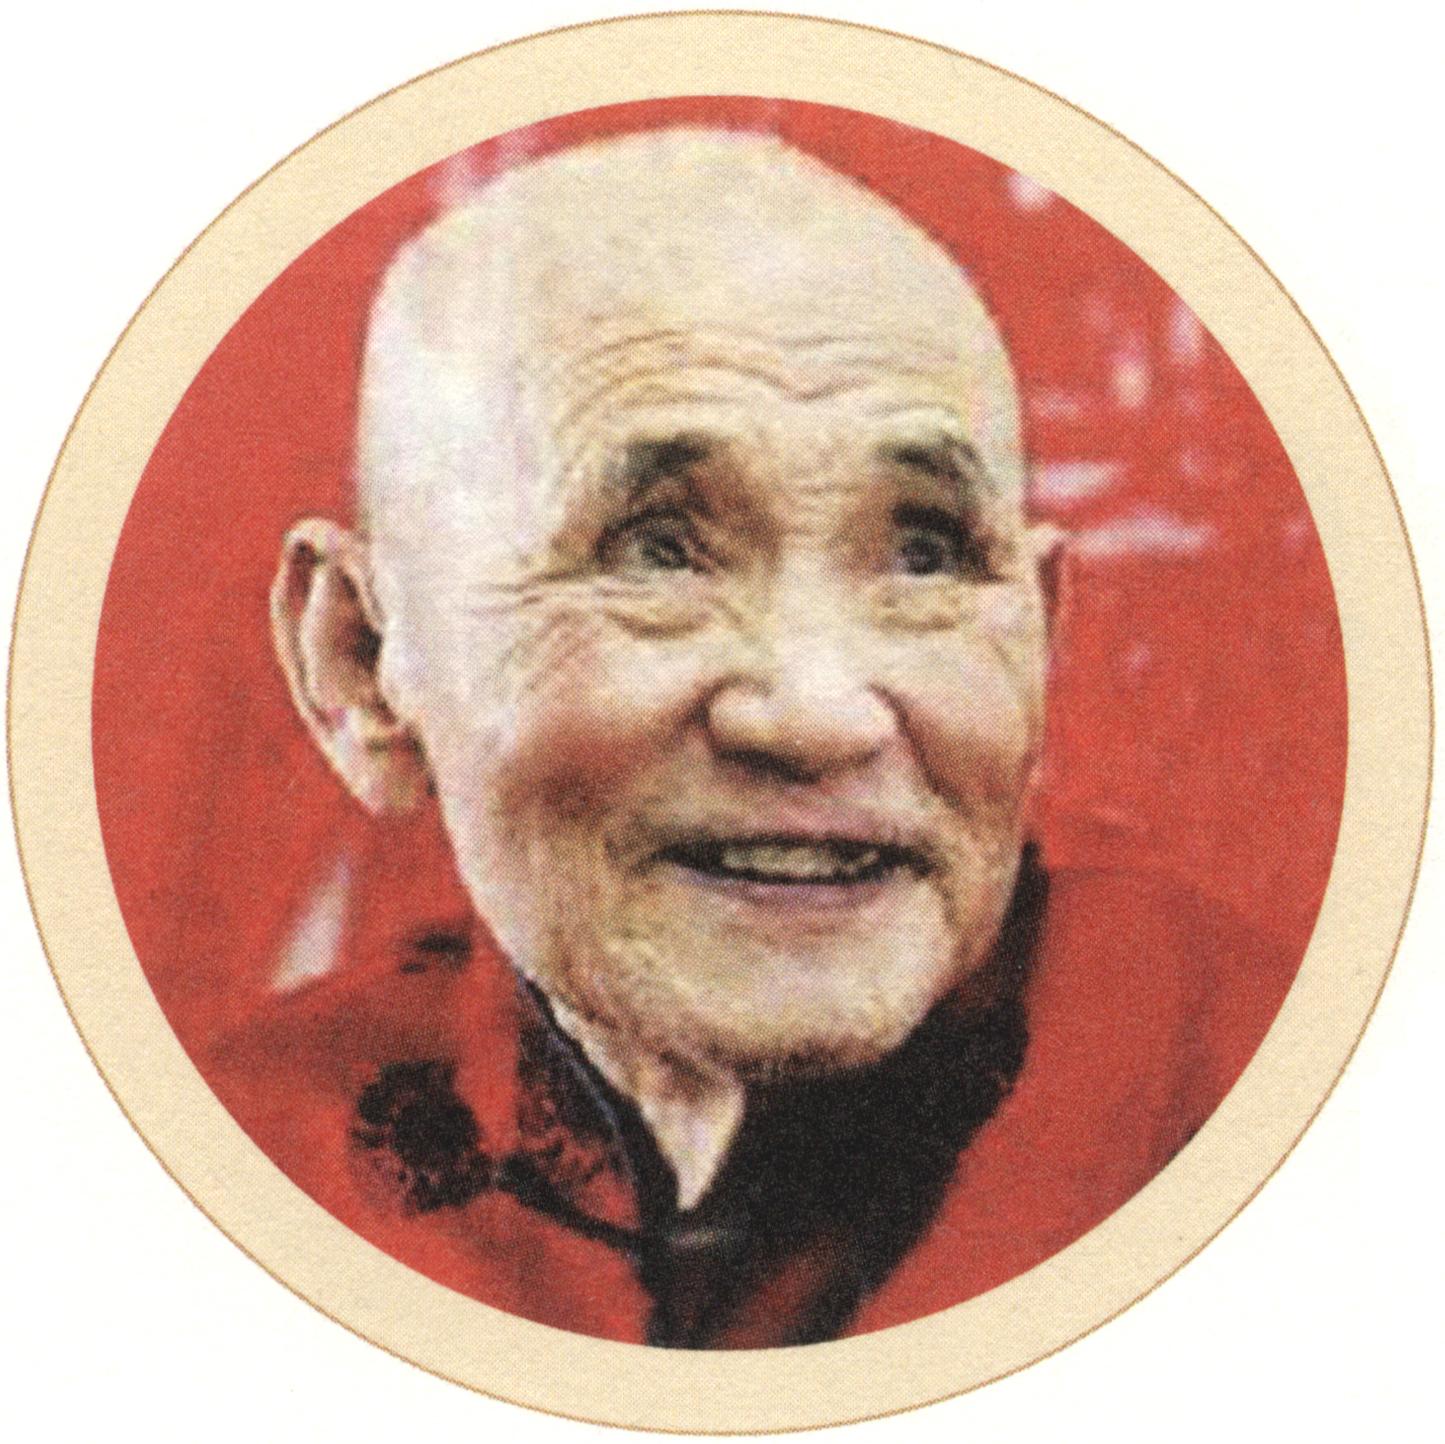 白方礼 小传 白方礼,1913年生,河北省沧州市沧县人,生前在天津市靠